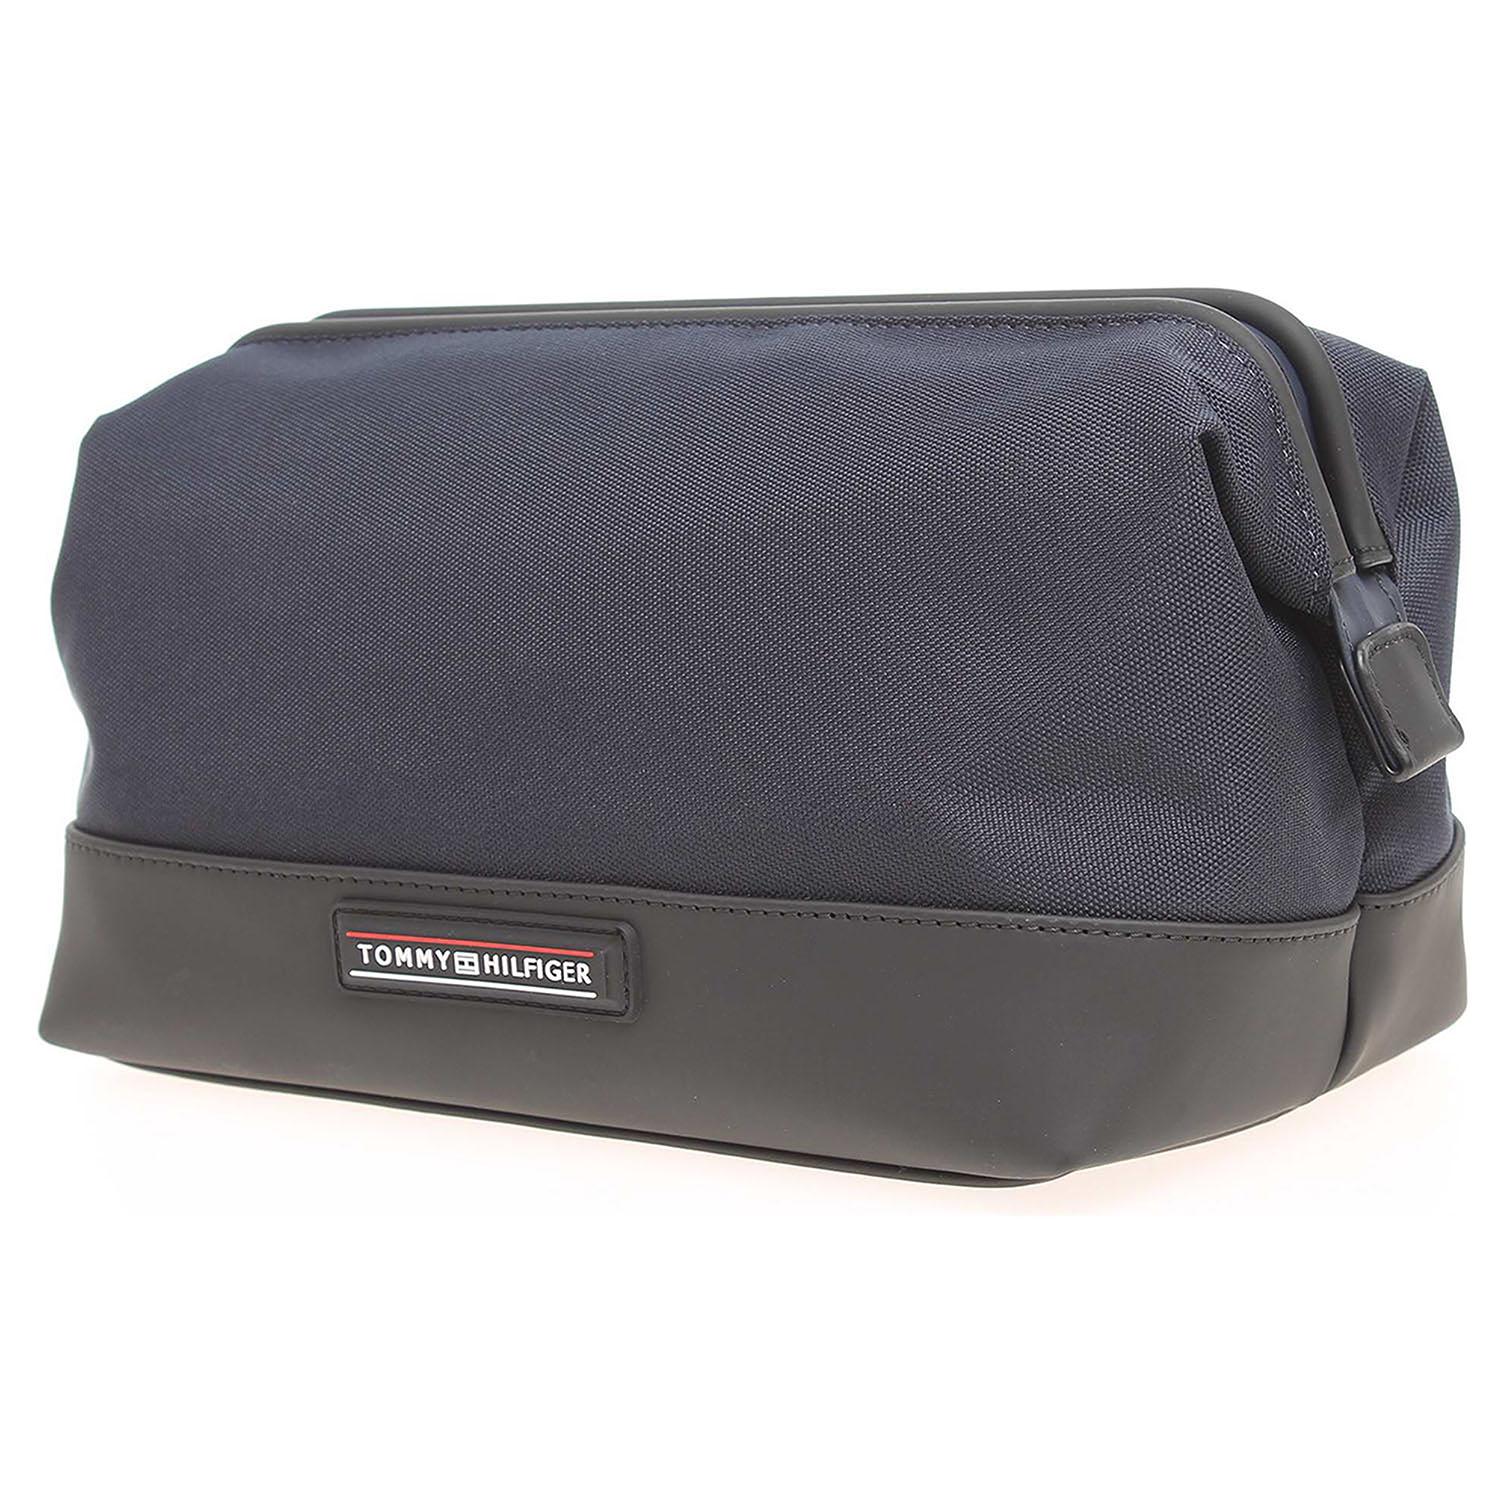 Ecco Tommy Hilfiger pánská kosmetická taška AM0AM02004 modrá 10801078